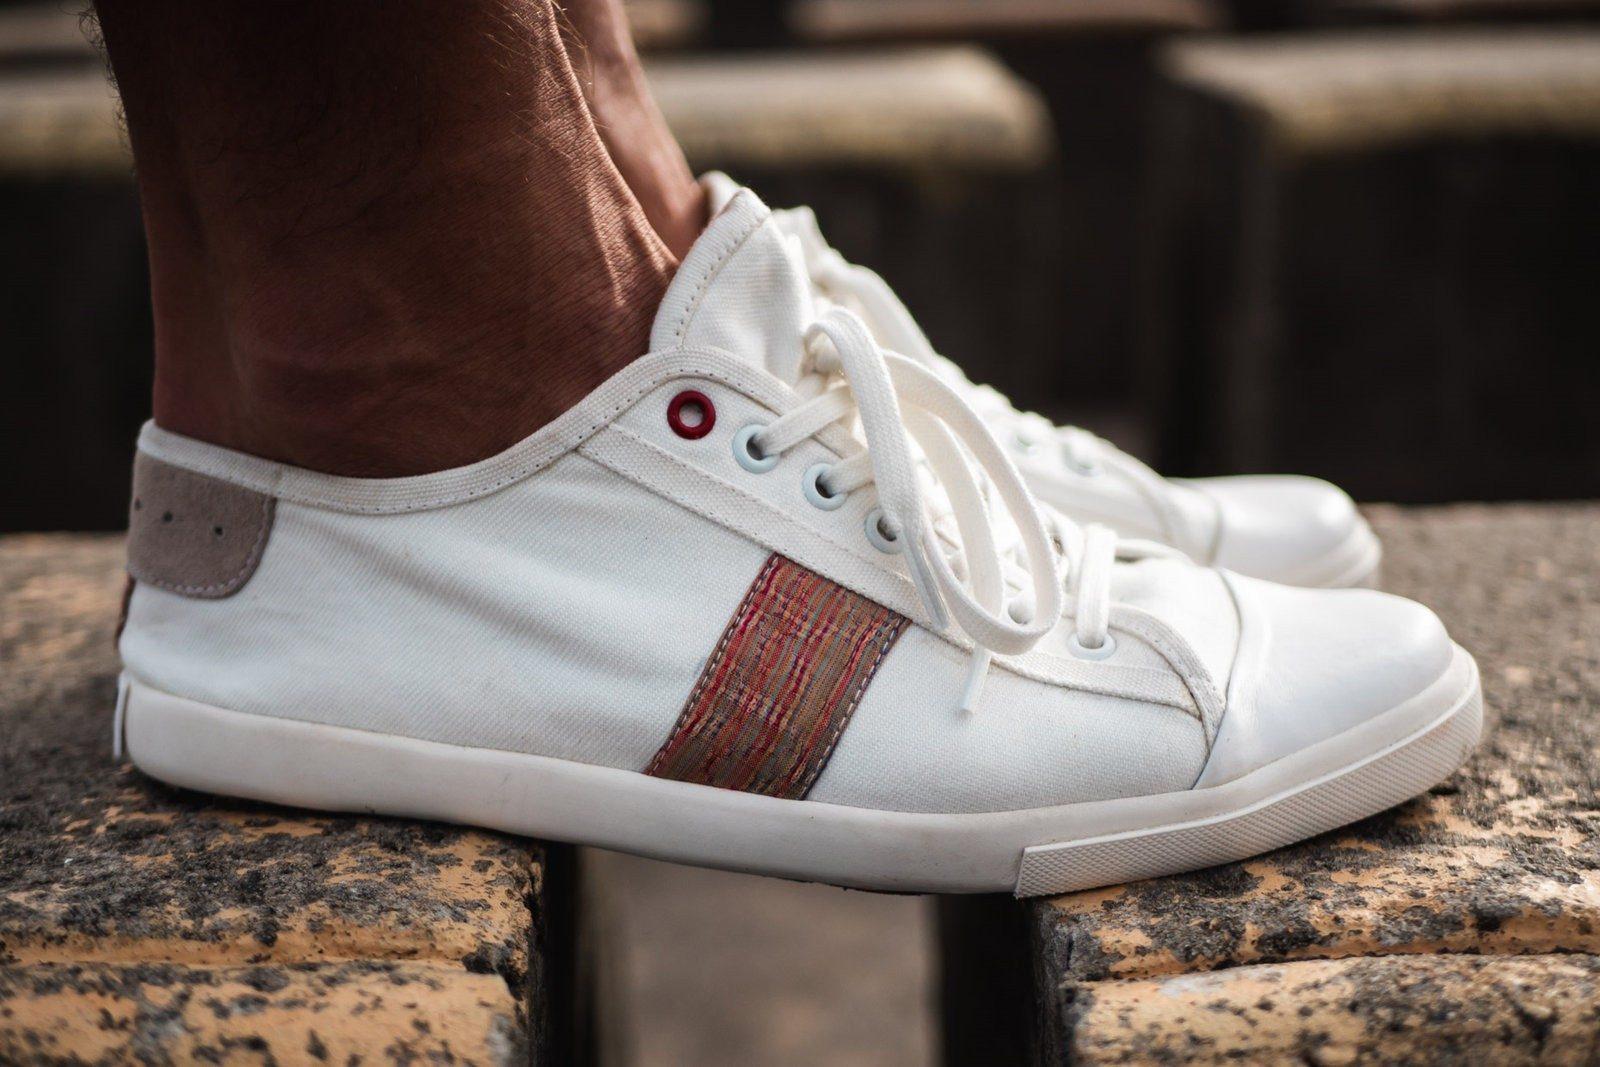 WiWi Shoes - Sneakers en coton biologique certifié GOTS et semelle en pneu recyclé - Modèle Loewy homme - Buenos Aires - vue droite suspension pavés - portées